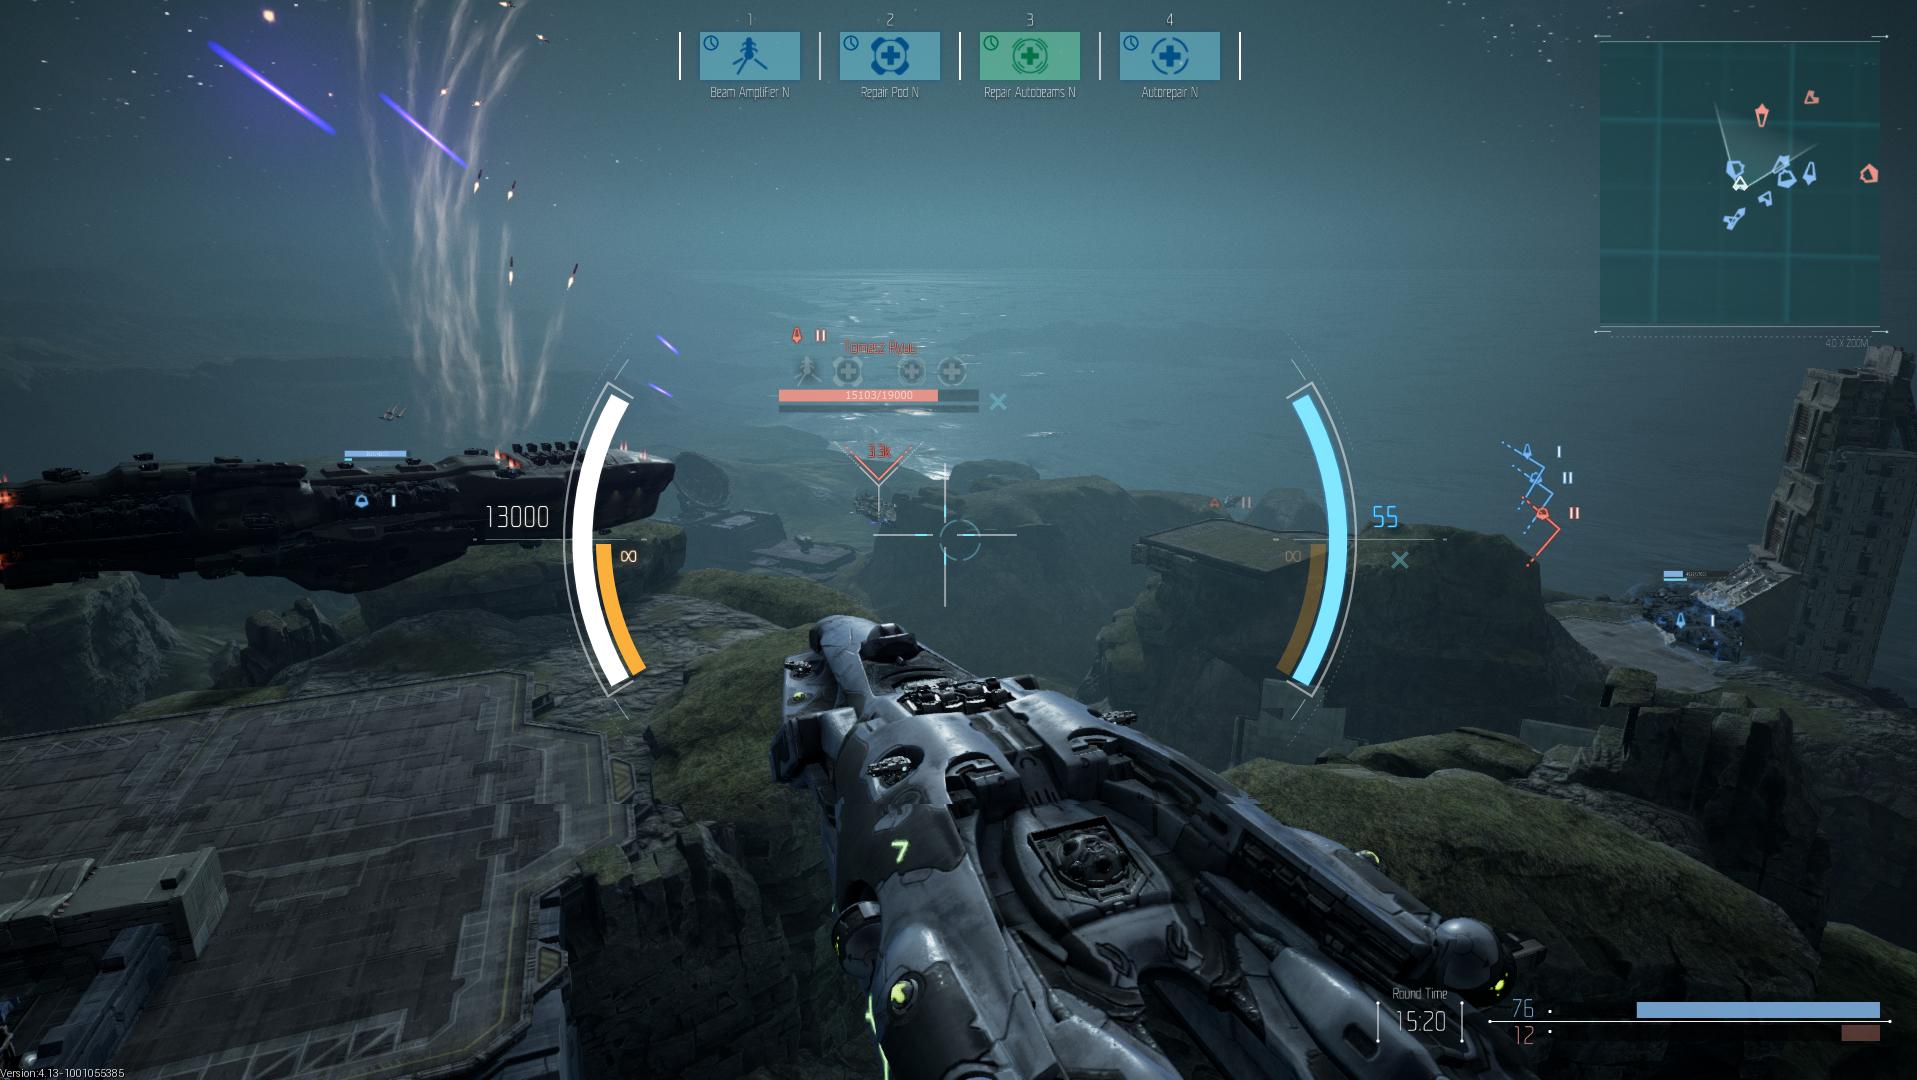 Jeu De Vaisseau Spatial Sur Pc Et Free-To-Play : Dreadnought concernant Jeux Gratuit Sur Ordinateur